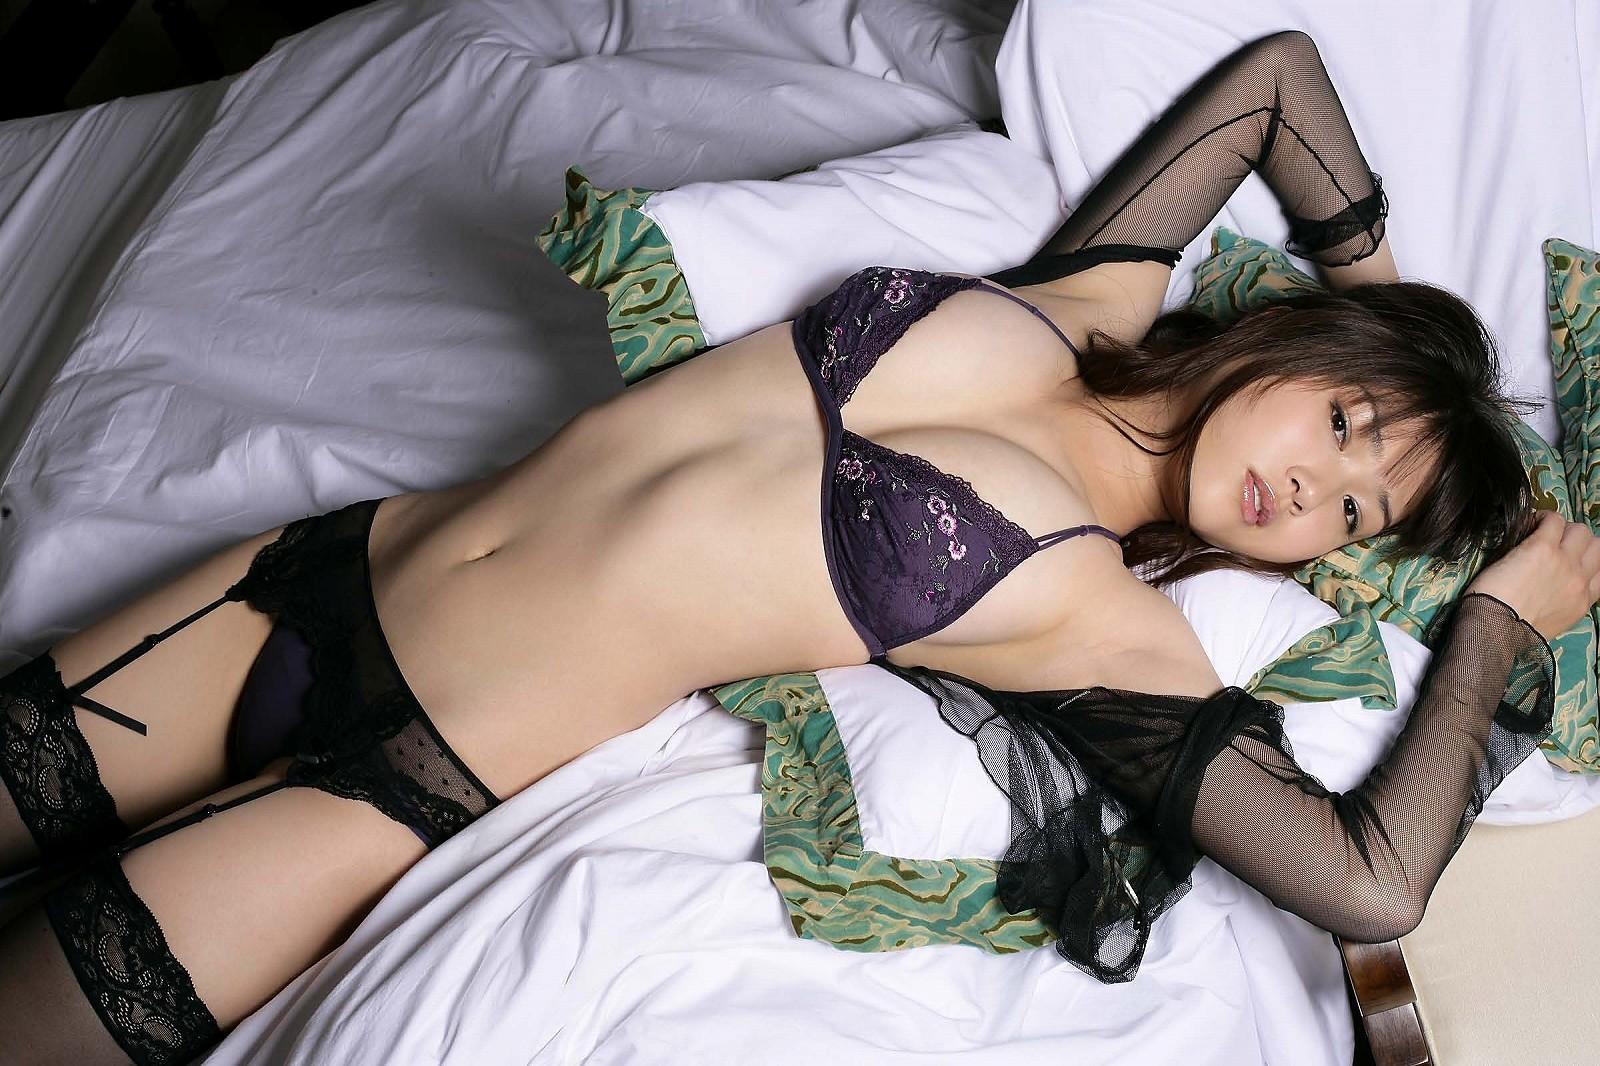 【下着エロ画像】どう脱がすか考えながら鑑賞すると楽しいランジェリー美女(;´Д`)